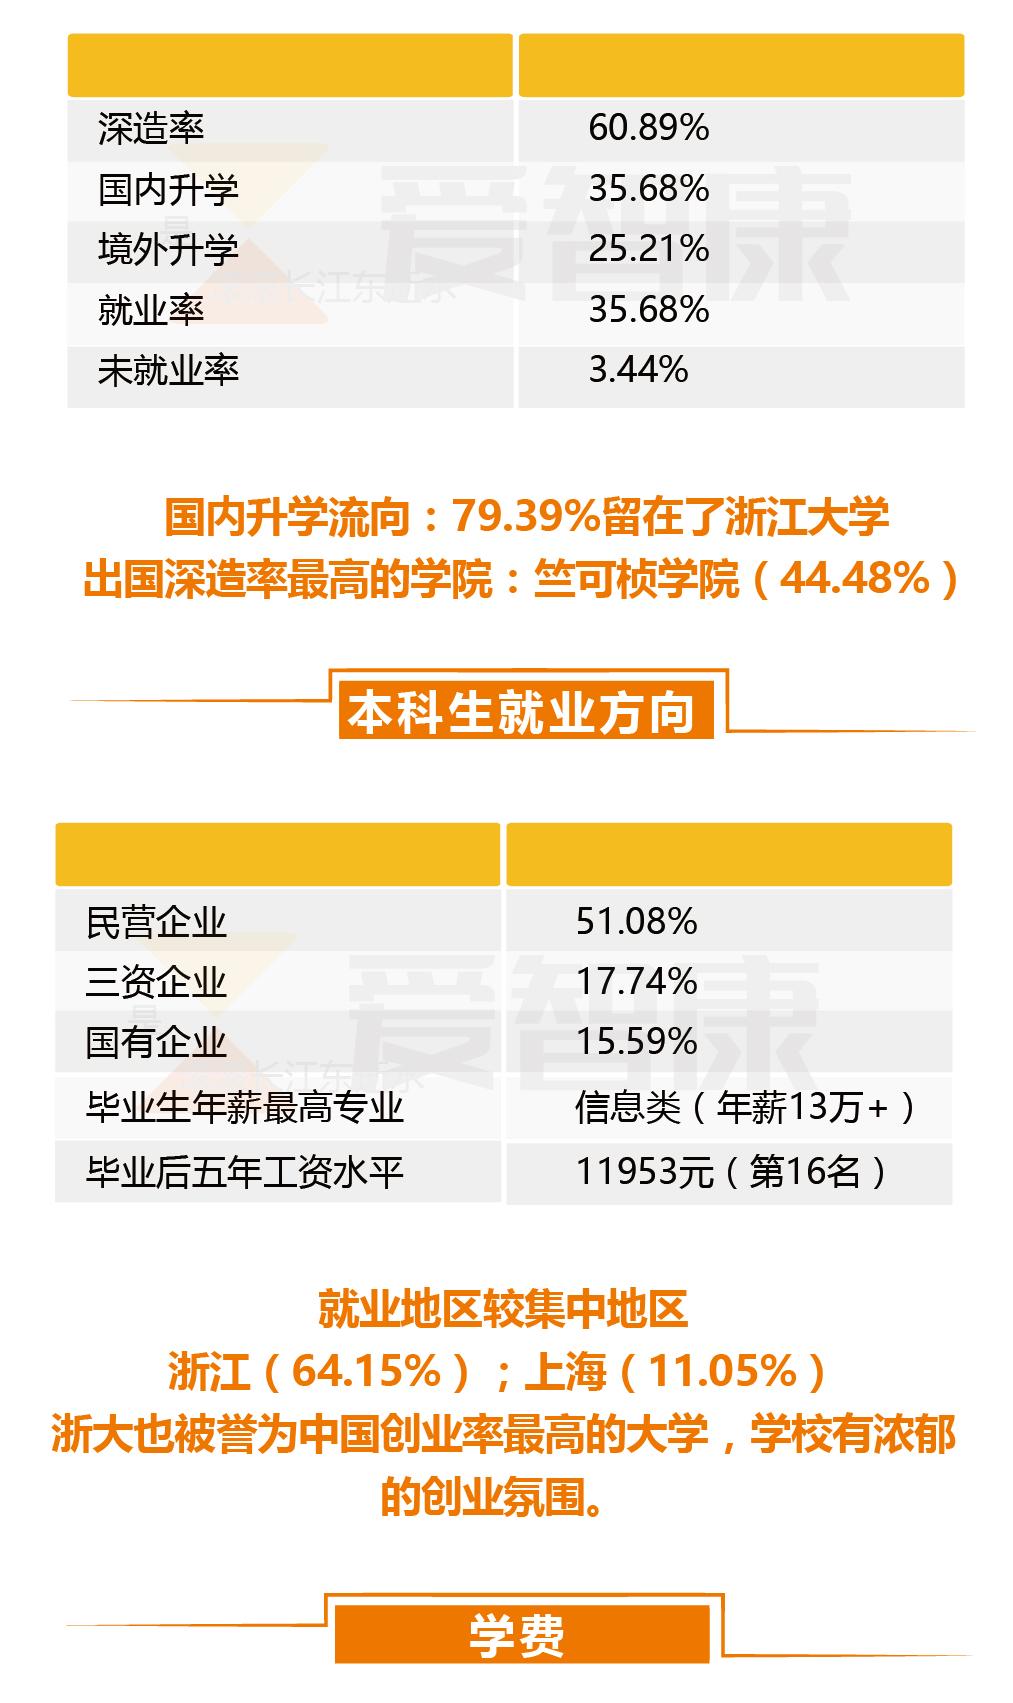 浙江大学毕业生就业率及深造率